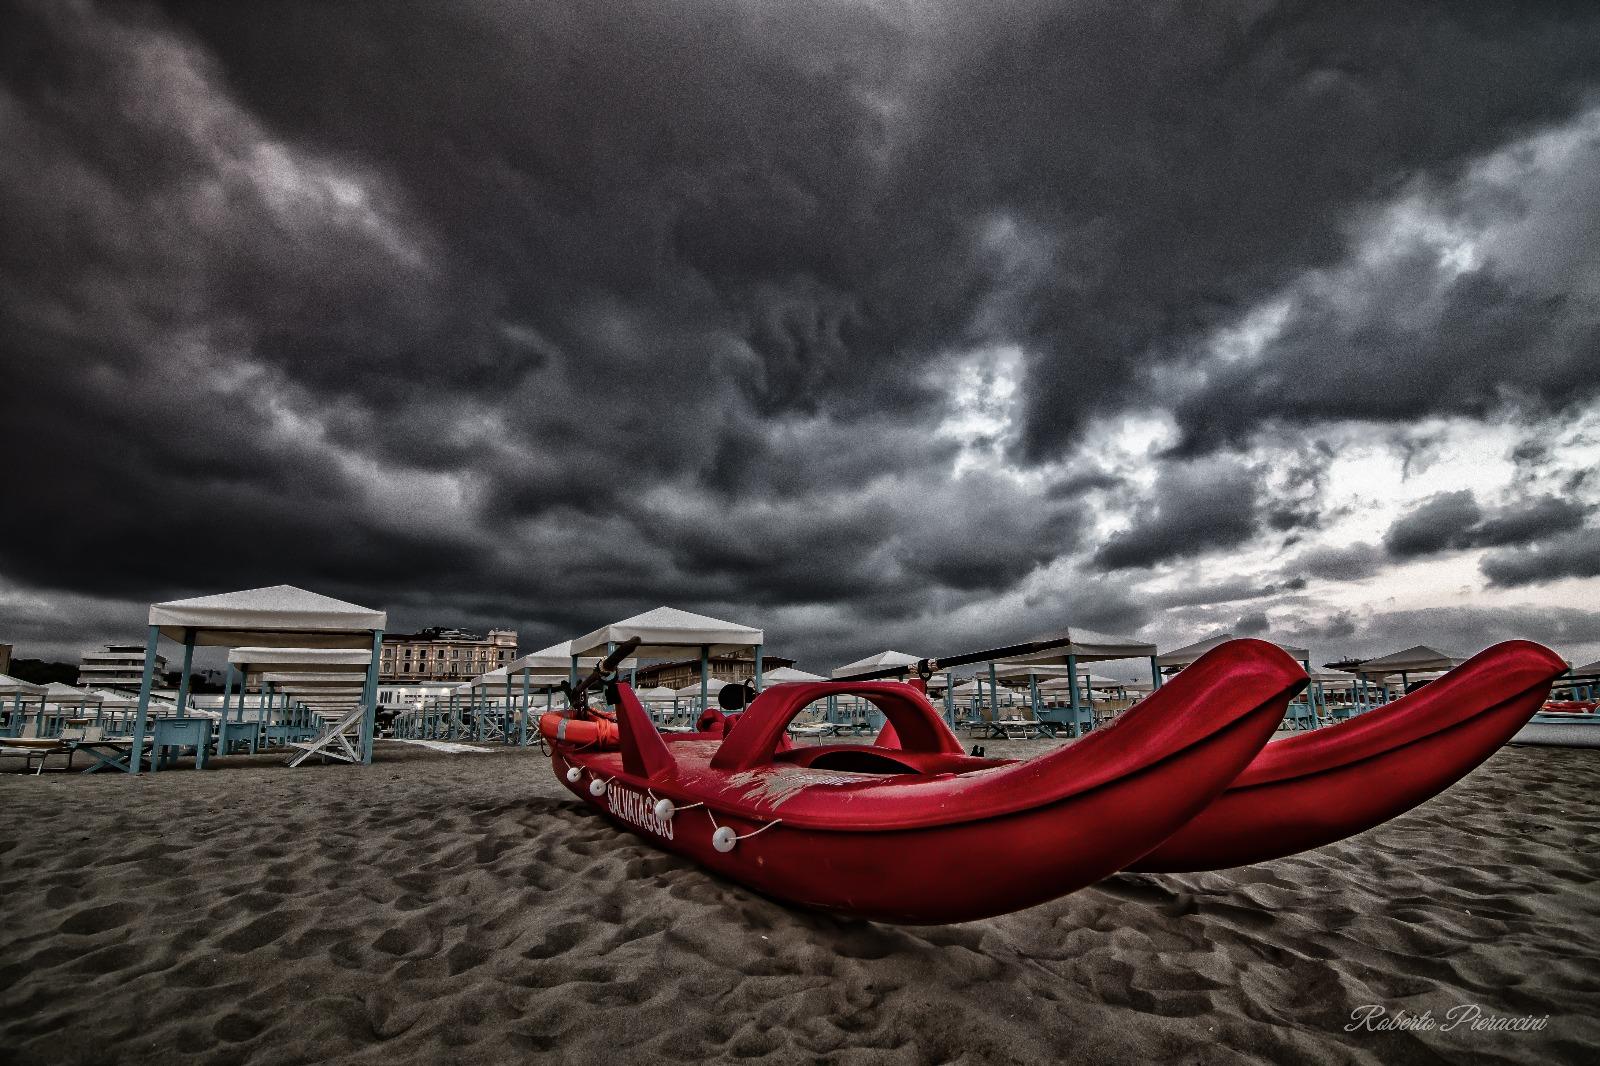 Maltempo, scatta l'allerta sulla costa per temporali